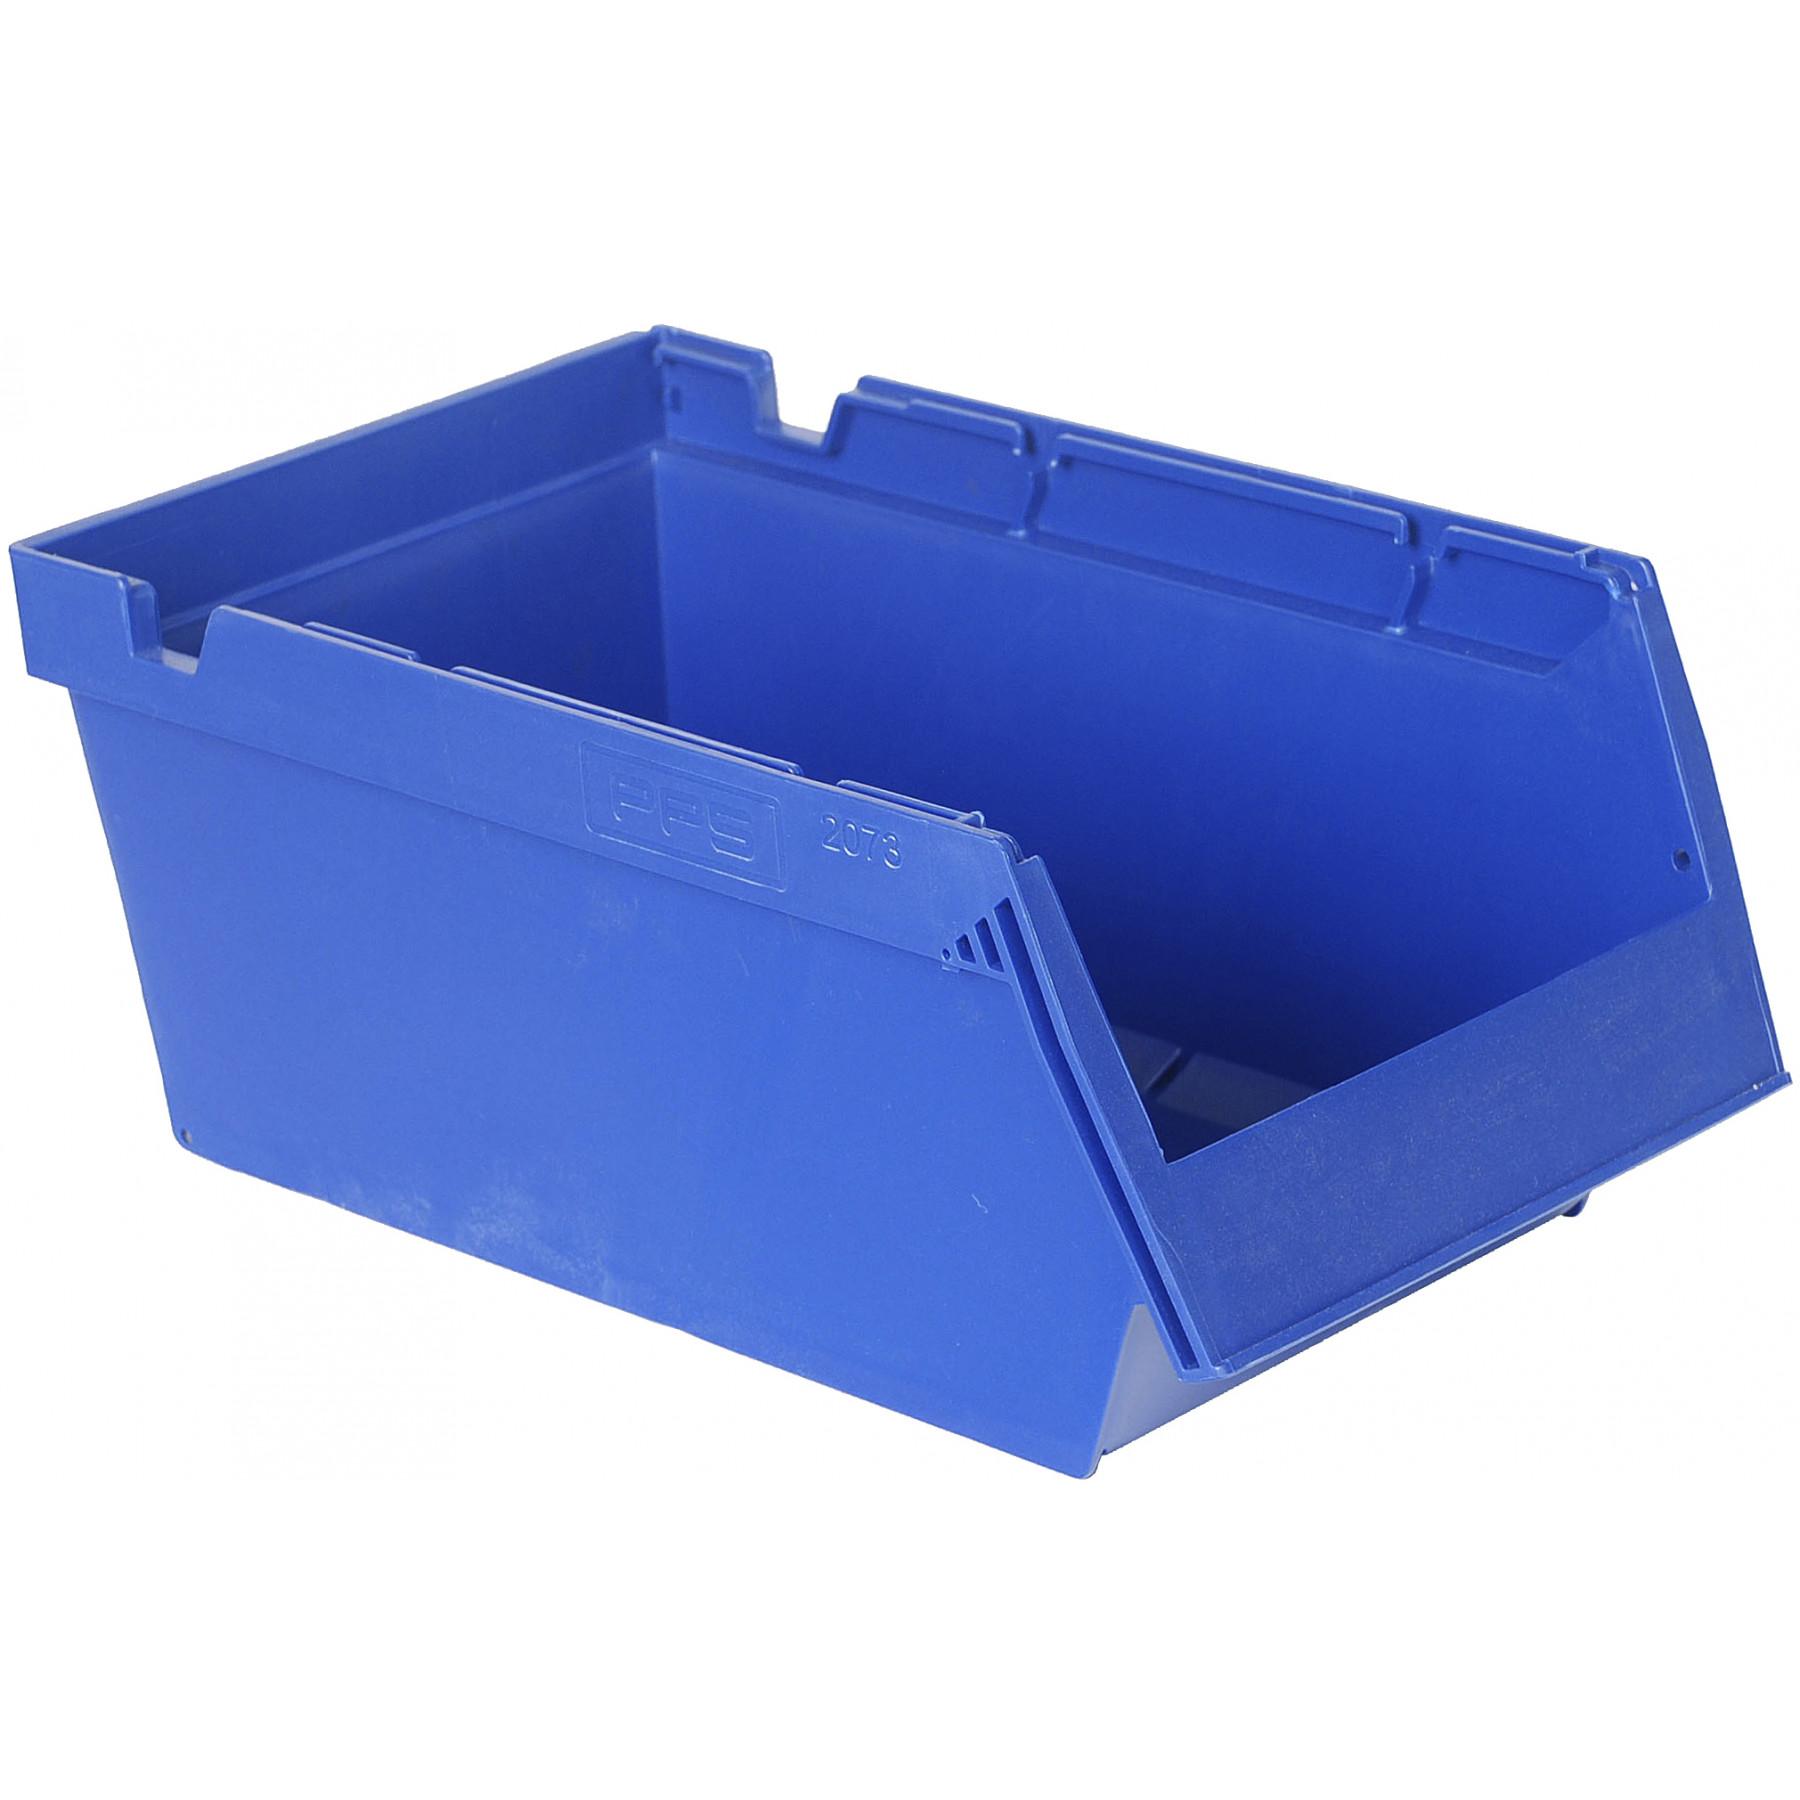 Nestbare magazijnbak 350x206x150mm, kleur blauw